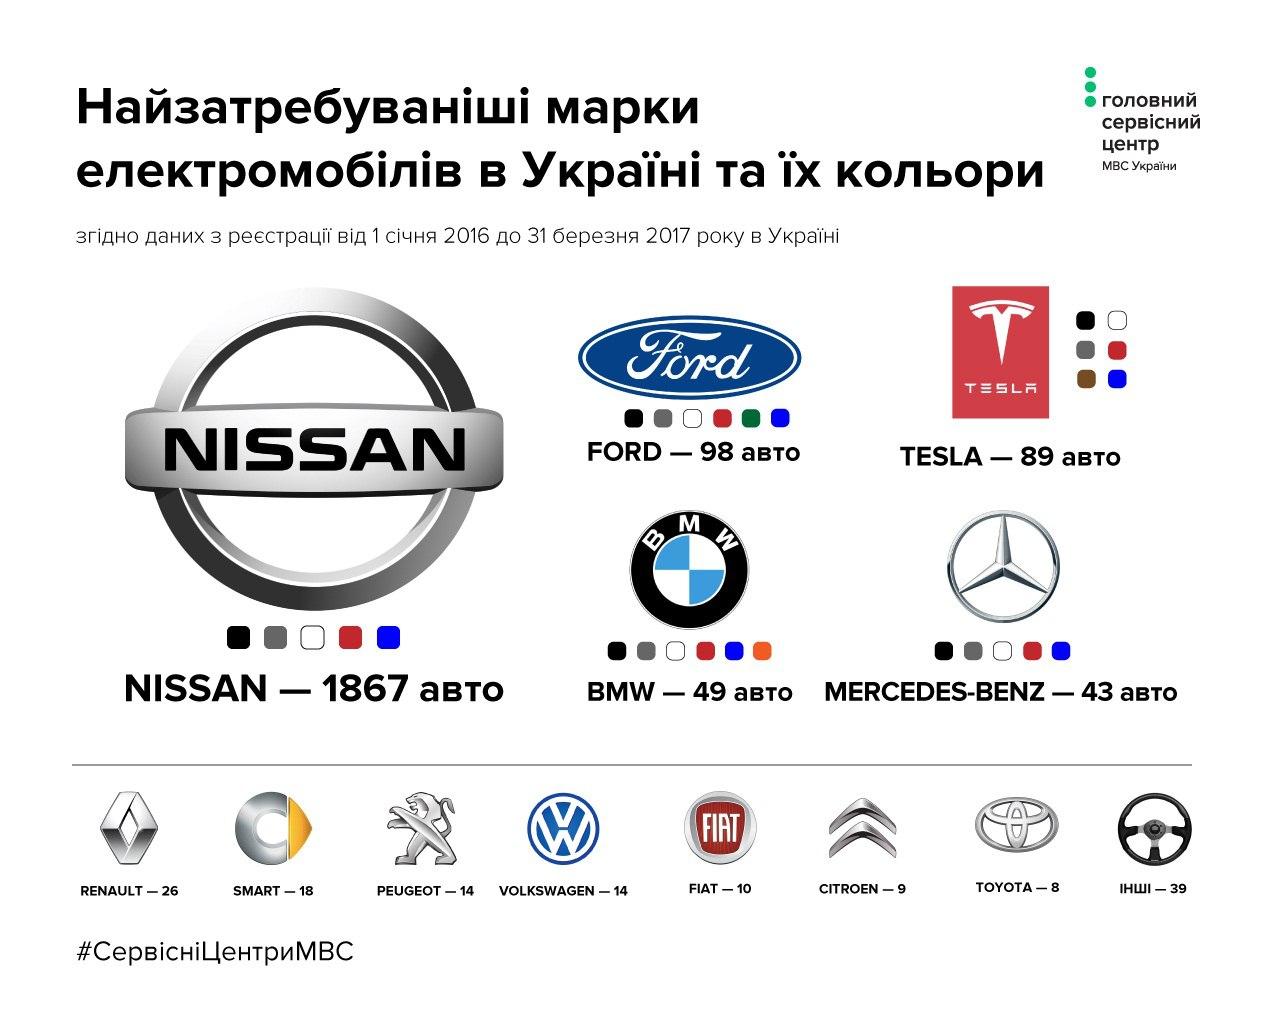 модели электромобилей, электрокаров